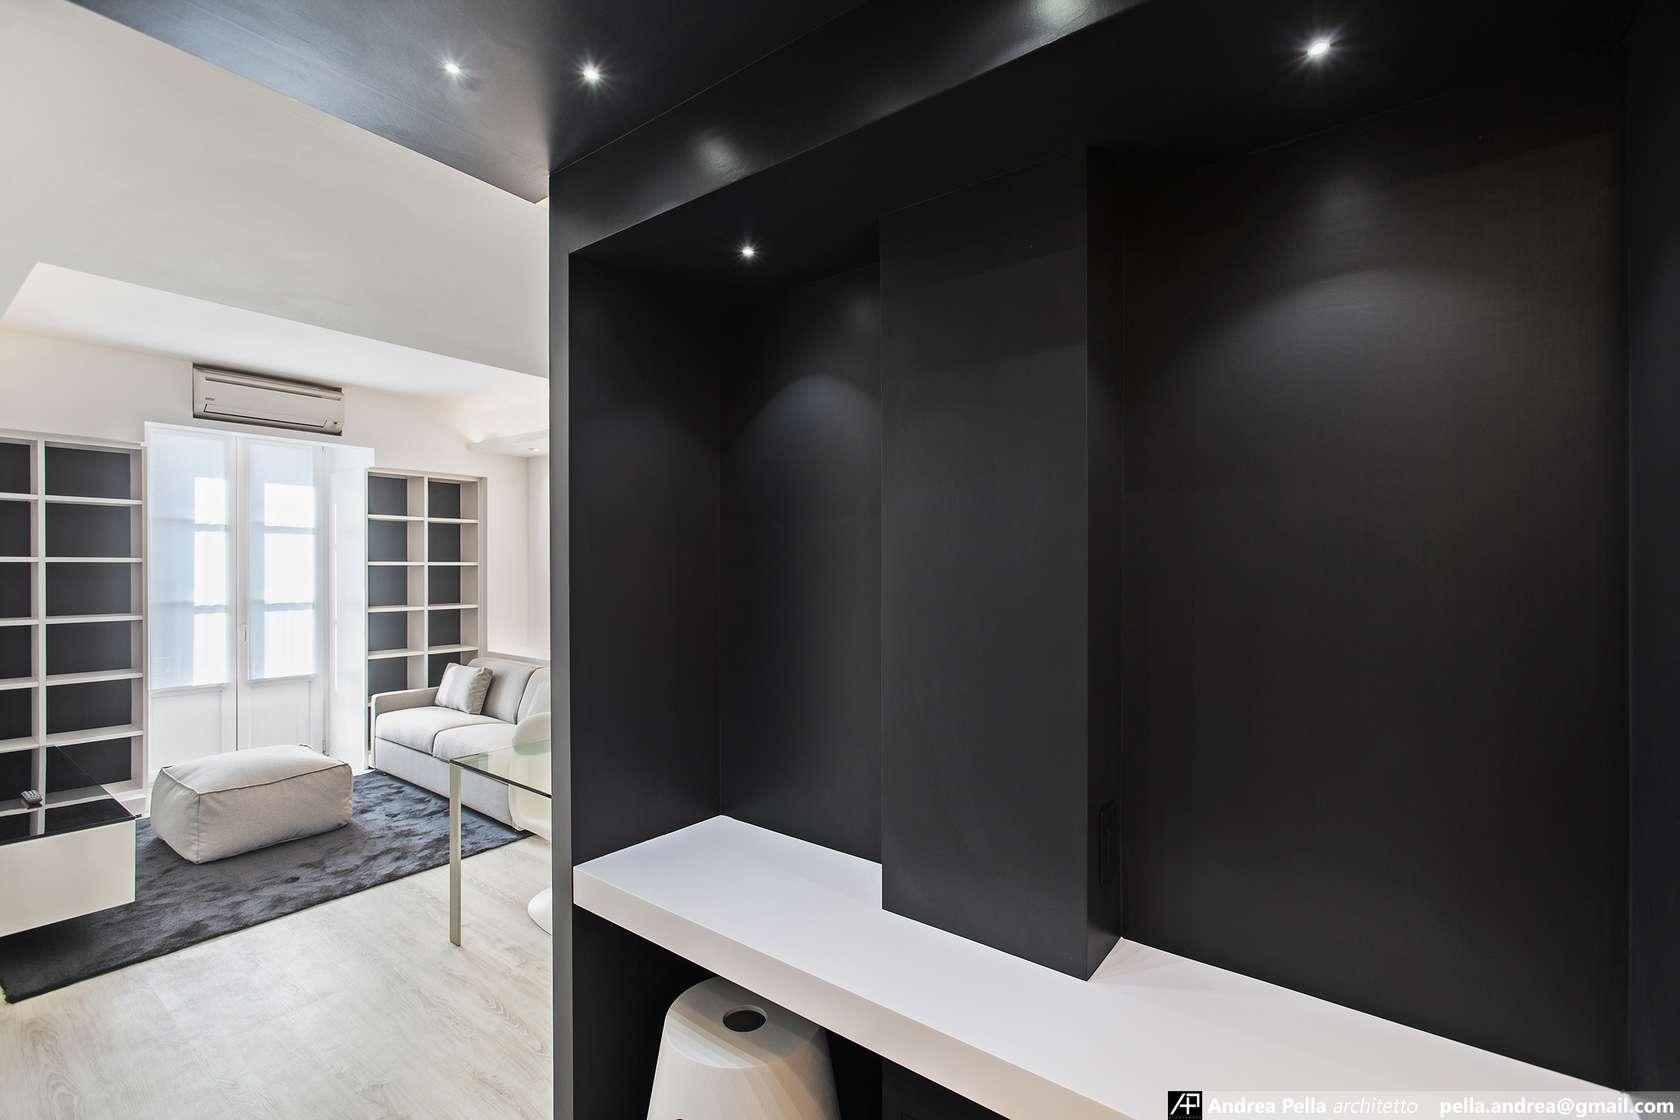 малък апартамент в минималистичен стил - 9